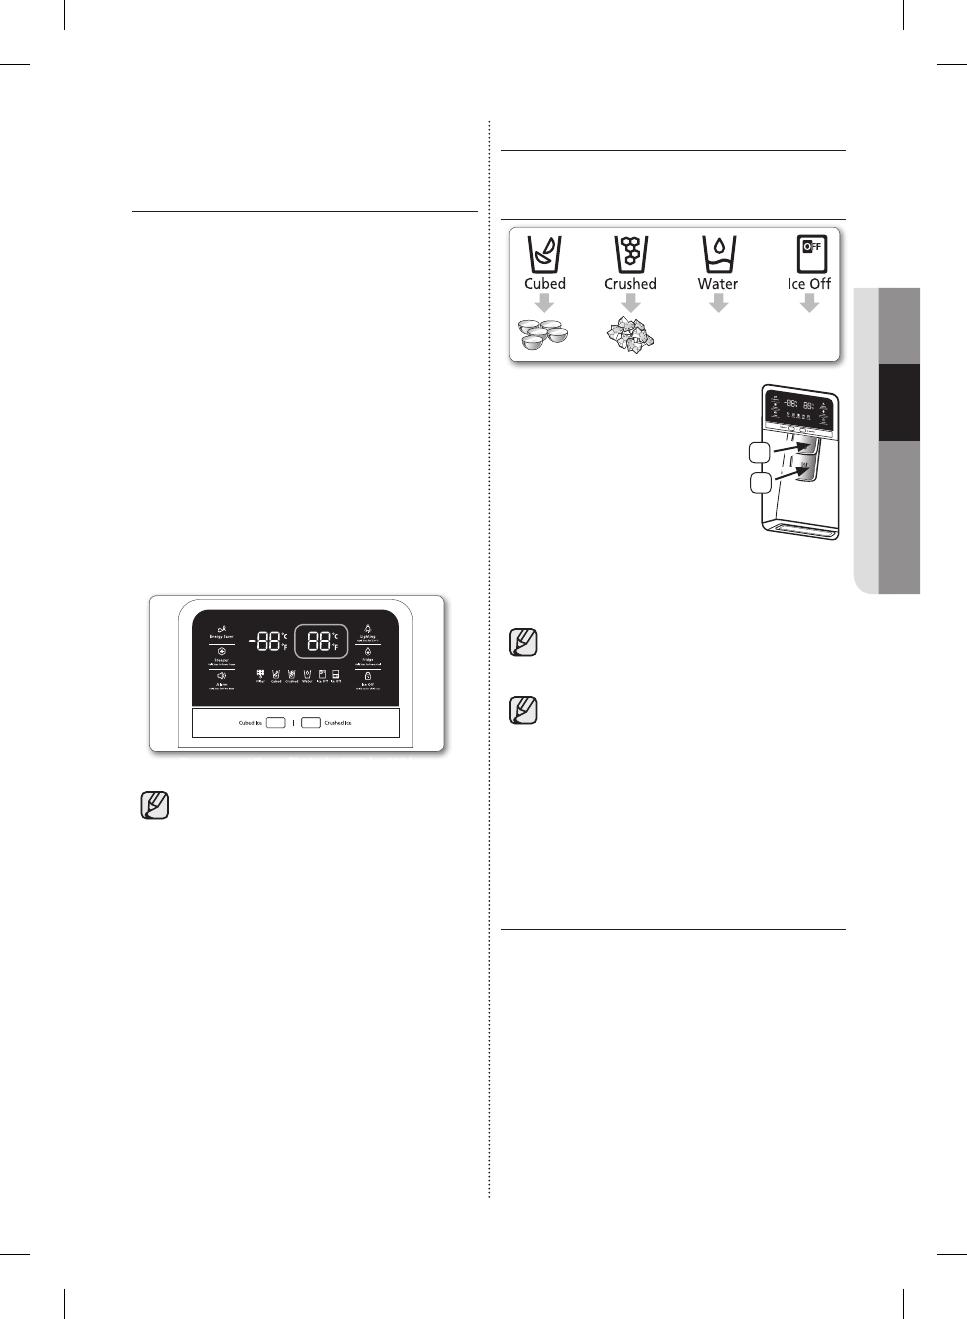 Samsung RF323TEDBBC, RF323TEDBSR, RF323TEDBWW USING THE